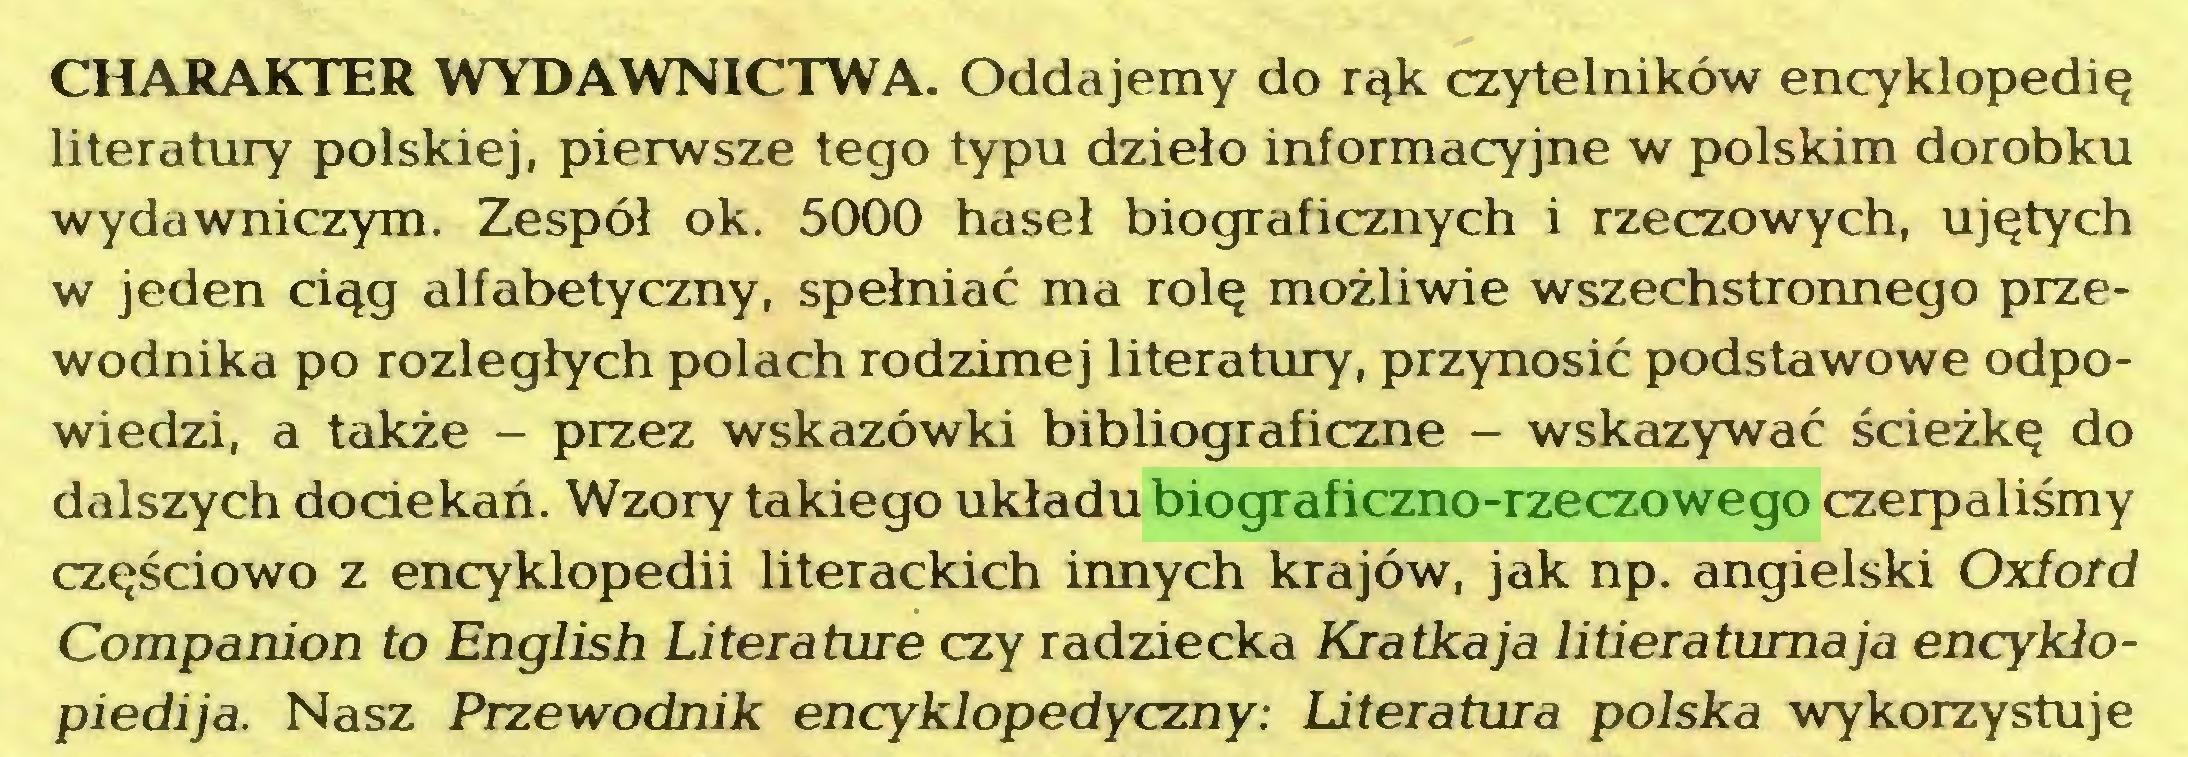 (...) CHARAKTER WYDAWNICTWA. Oddajemy do rąk czytelników encyklopedię literatury polskiej, pierwsze tego typu dzieło informacyjne w polskim dorobku wydawniczym. Zespół ok. 5000 haseł biograficznych i rzeczowych, ujętych w jeden ciąg alfabetyczny, spełniać ma rolę możliwie wszechstronnego przewodnika po rozległych polach rodzimej literatury, przynosić podstawowe odpowiedzi, a także - przez wskazówki bibliograficzne - wskazywać ścieżkę do dalszych dociekań. Wzory takiego układu biograficzno-rzeczowego czerpaliśmy częściowo z encyklopedii literackich innych krajów, jak np. angielski Oxford Companion to English Literaturę czy radziecka Kra tka ja litieratumaja encykiopiedija. Nasz Przewodnik encyklopedyczny: Literatura polska wykorzystuje...